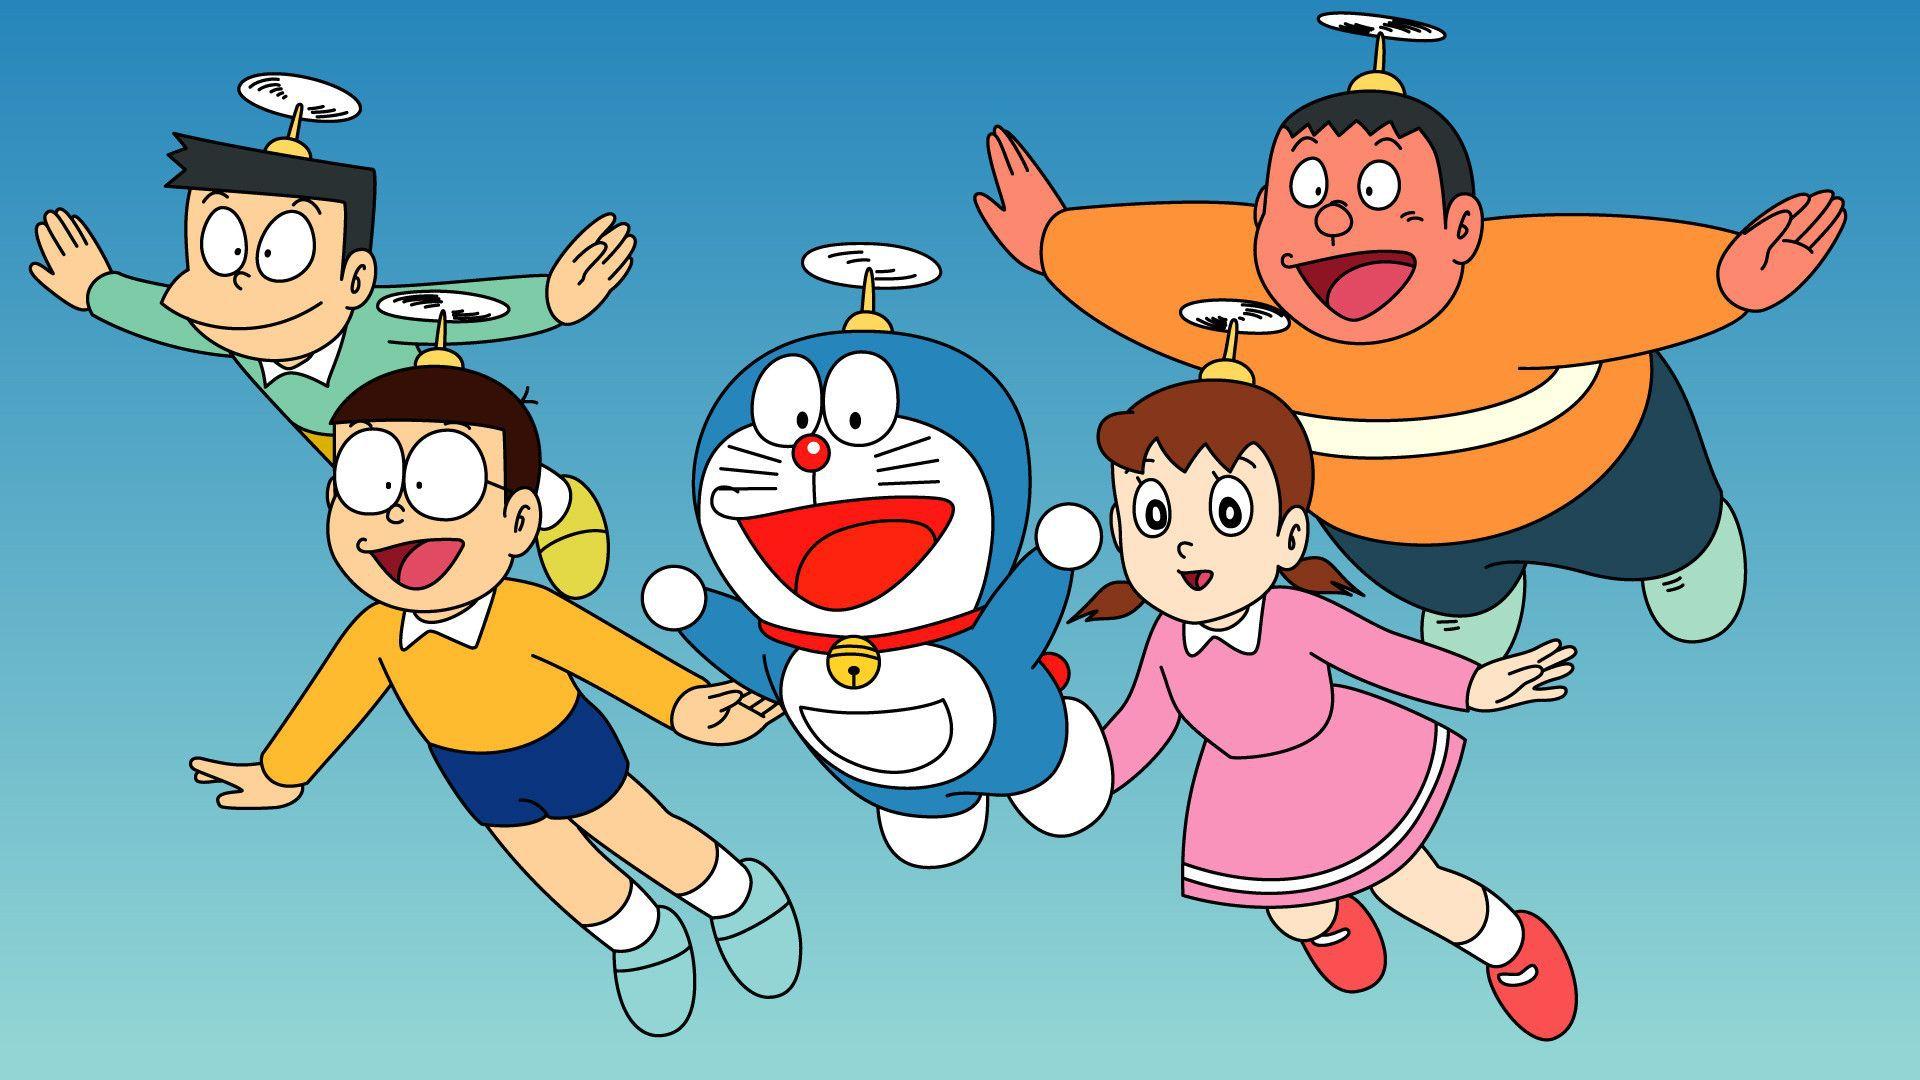 Những bộ truyện tranh manga hay nhất mọi thời đại - Top Manga Hay (9)